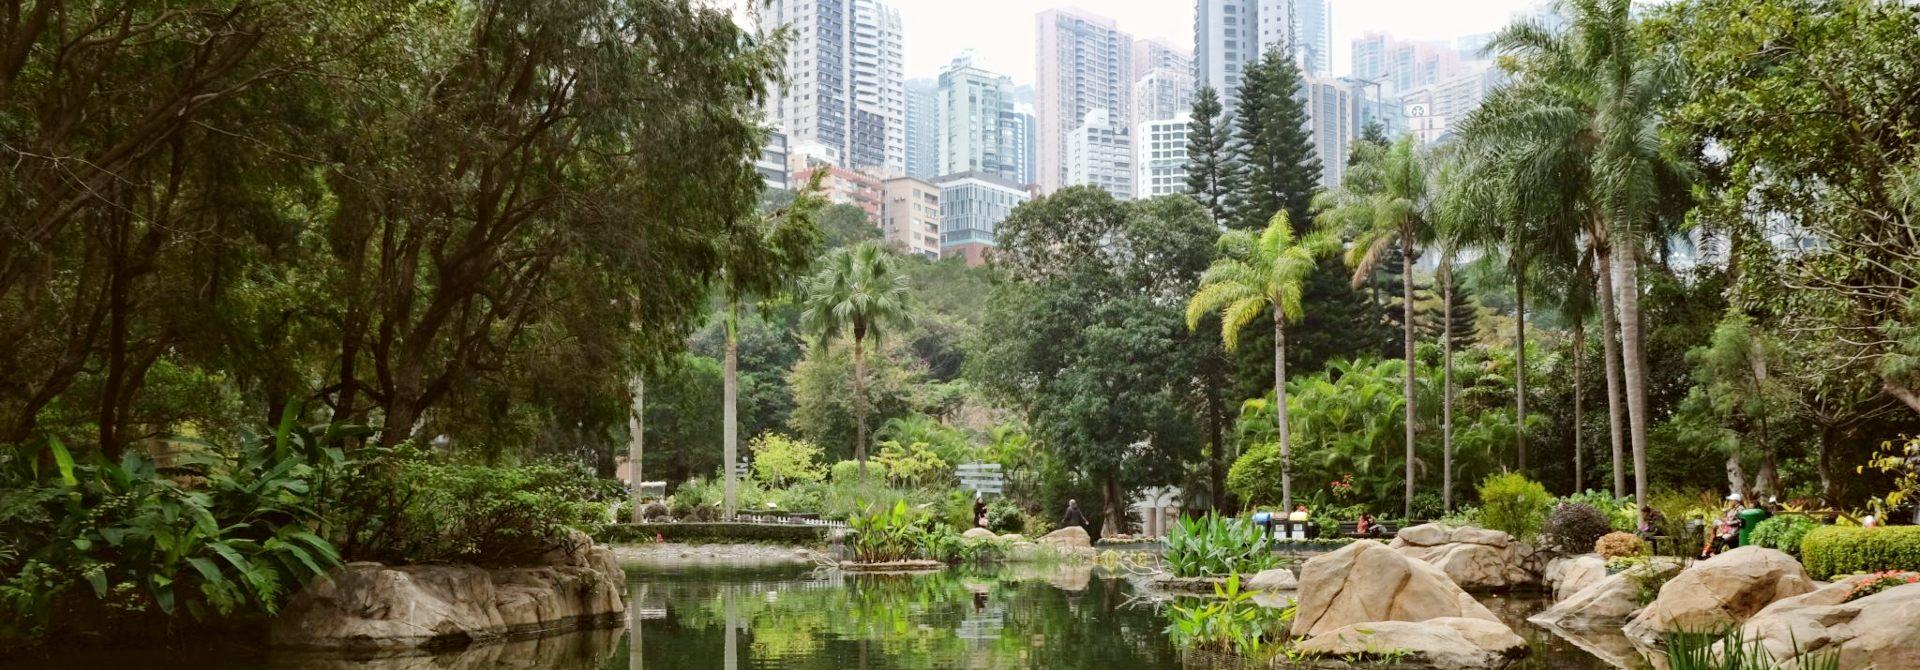 Hong Kong Park Header